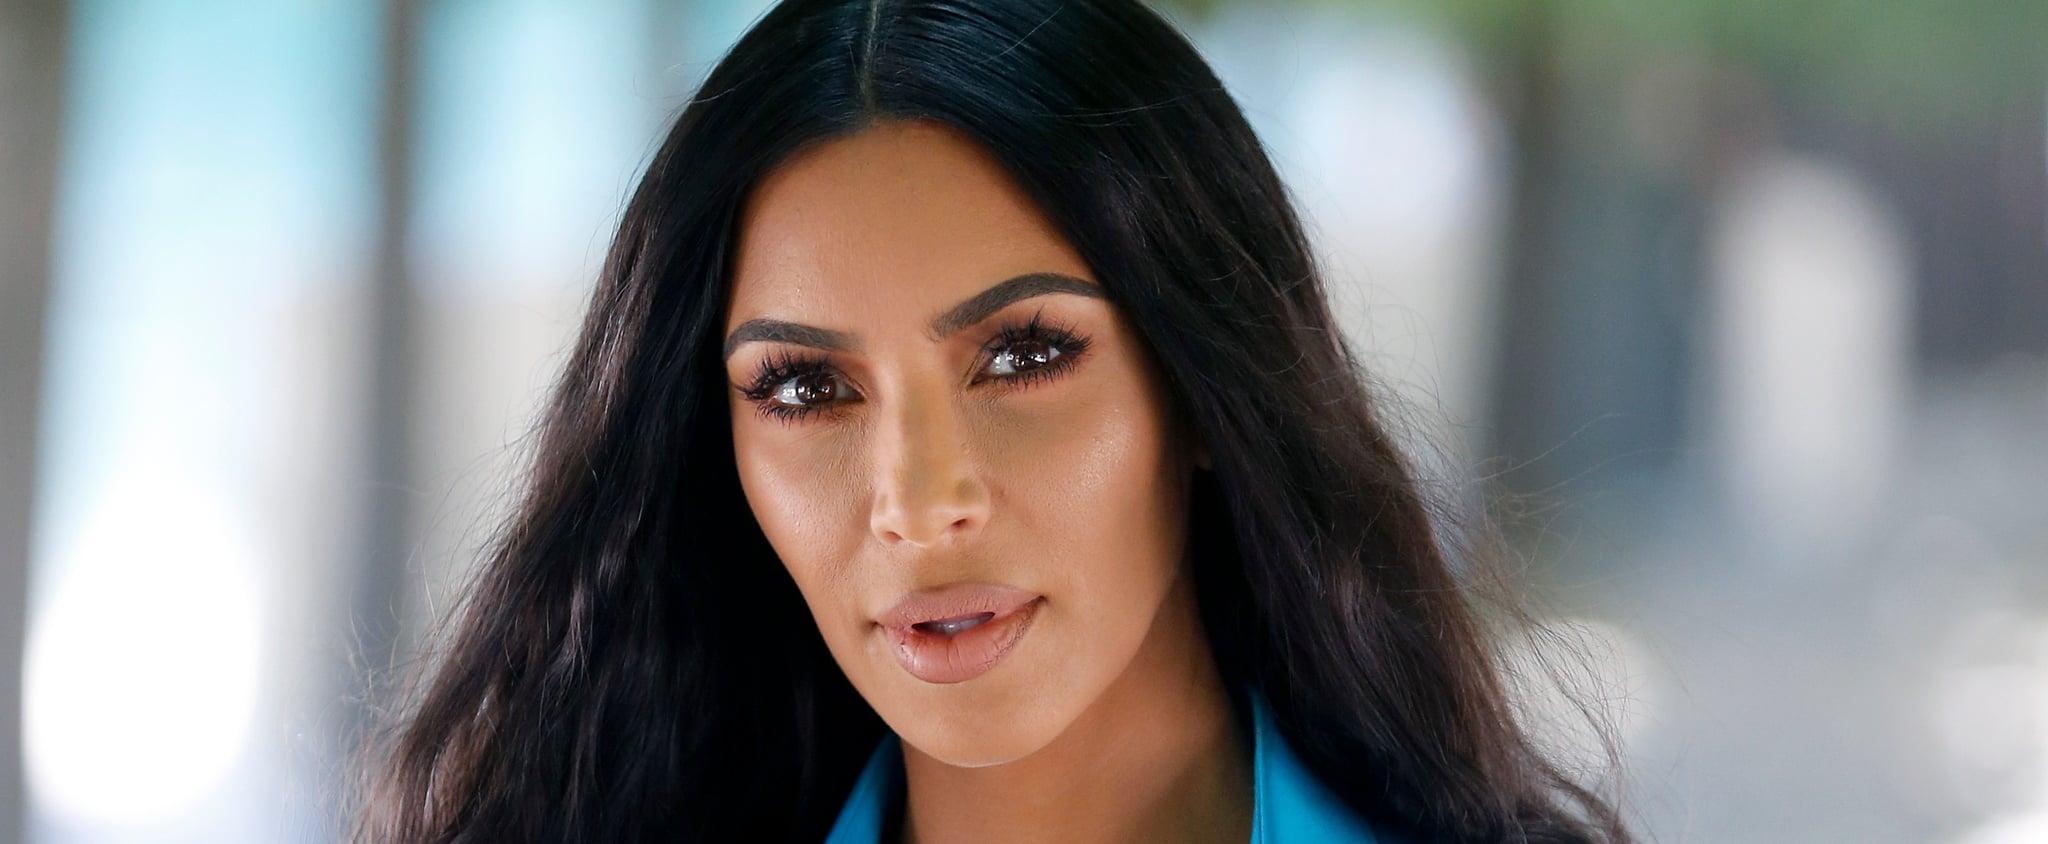 Kim Kardashian Explains North West's Straight Hair